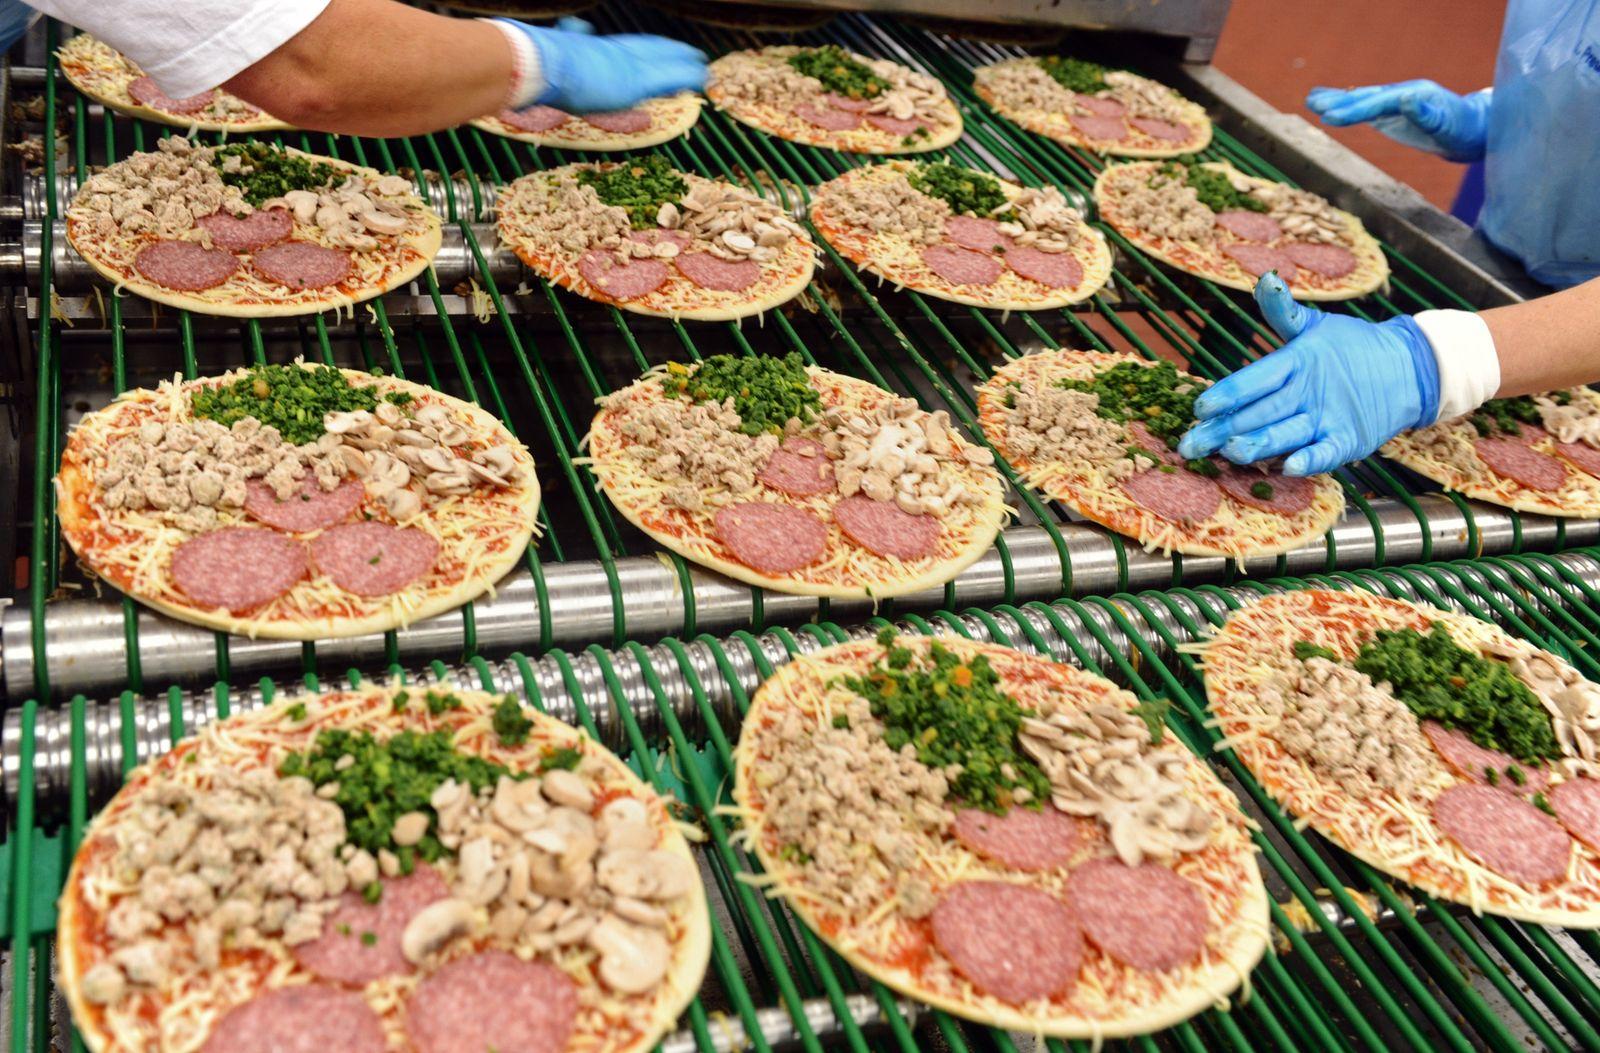 Pizza-Produktion bei Dr. Oetker